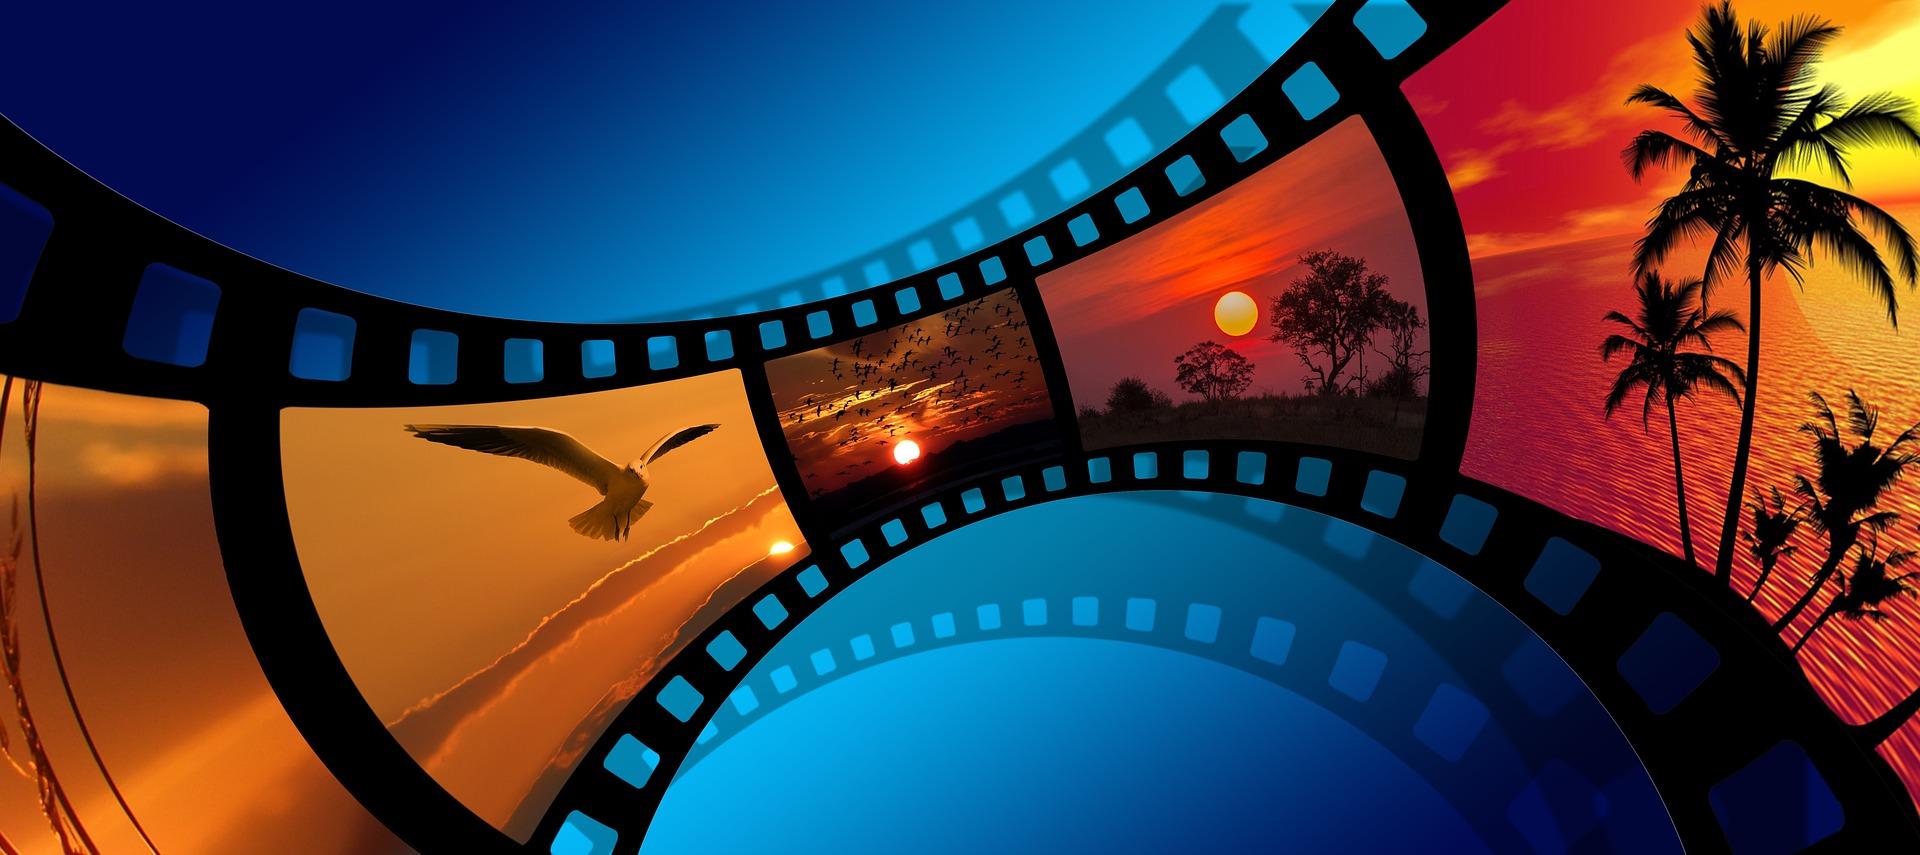 Reel of film image: